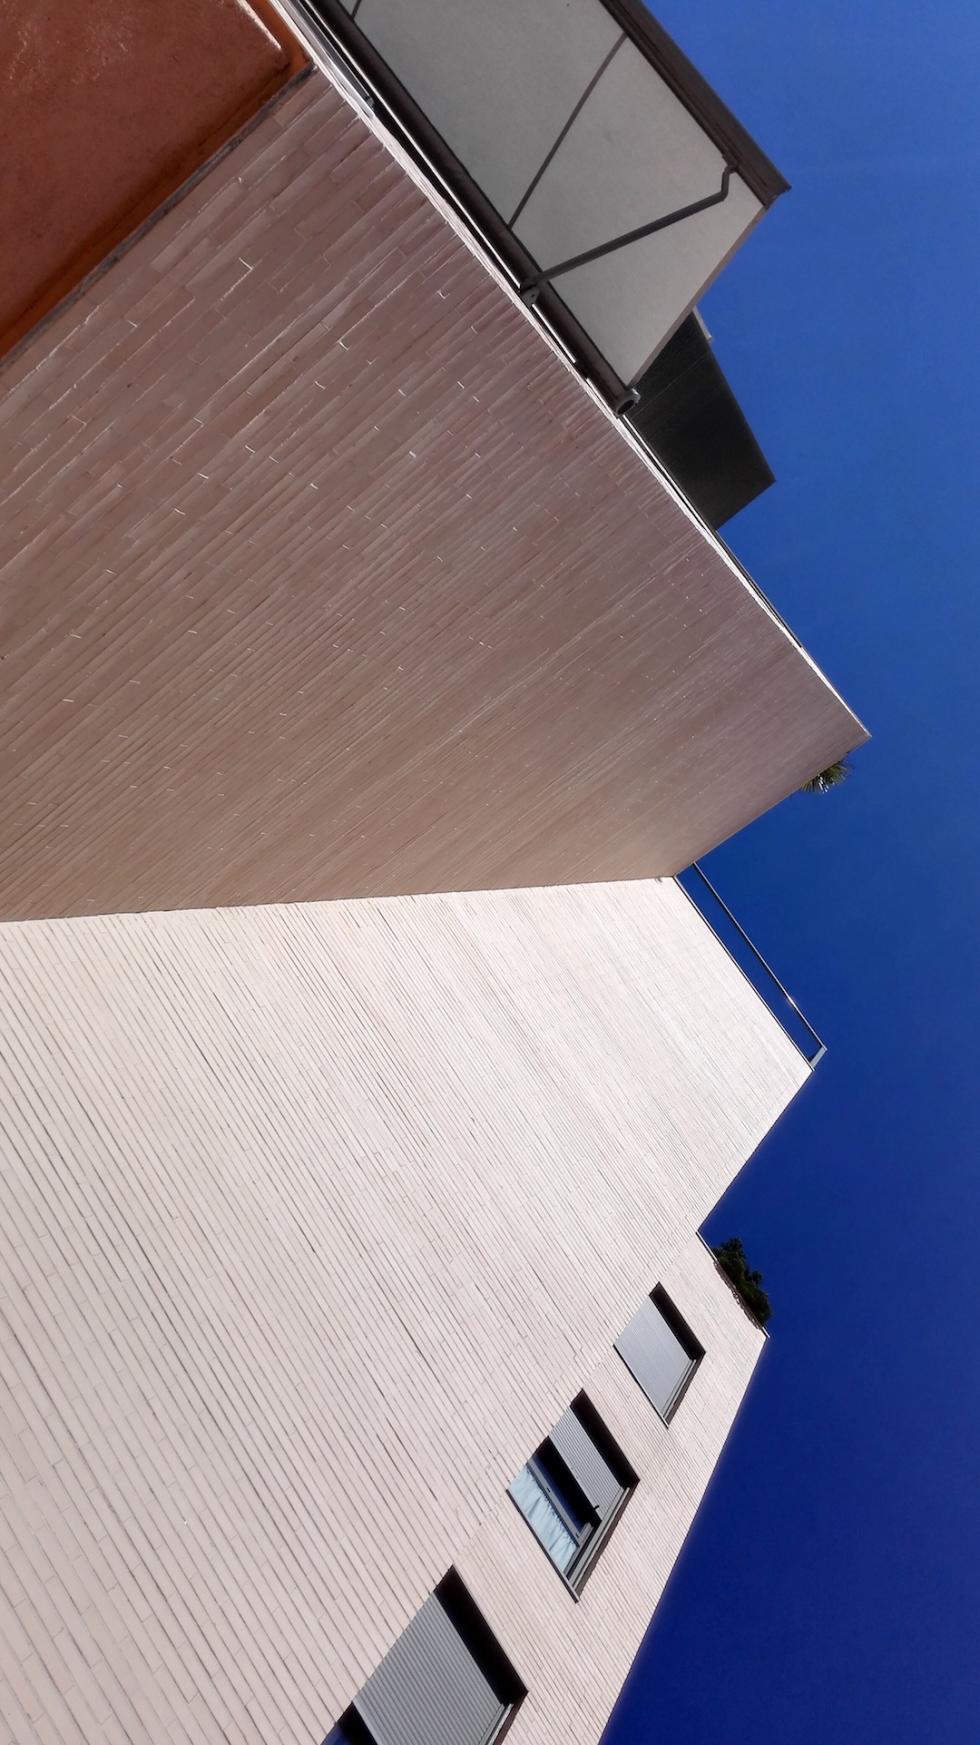 Fotografía luces y sombras vertical HDR